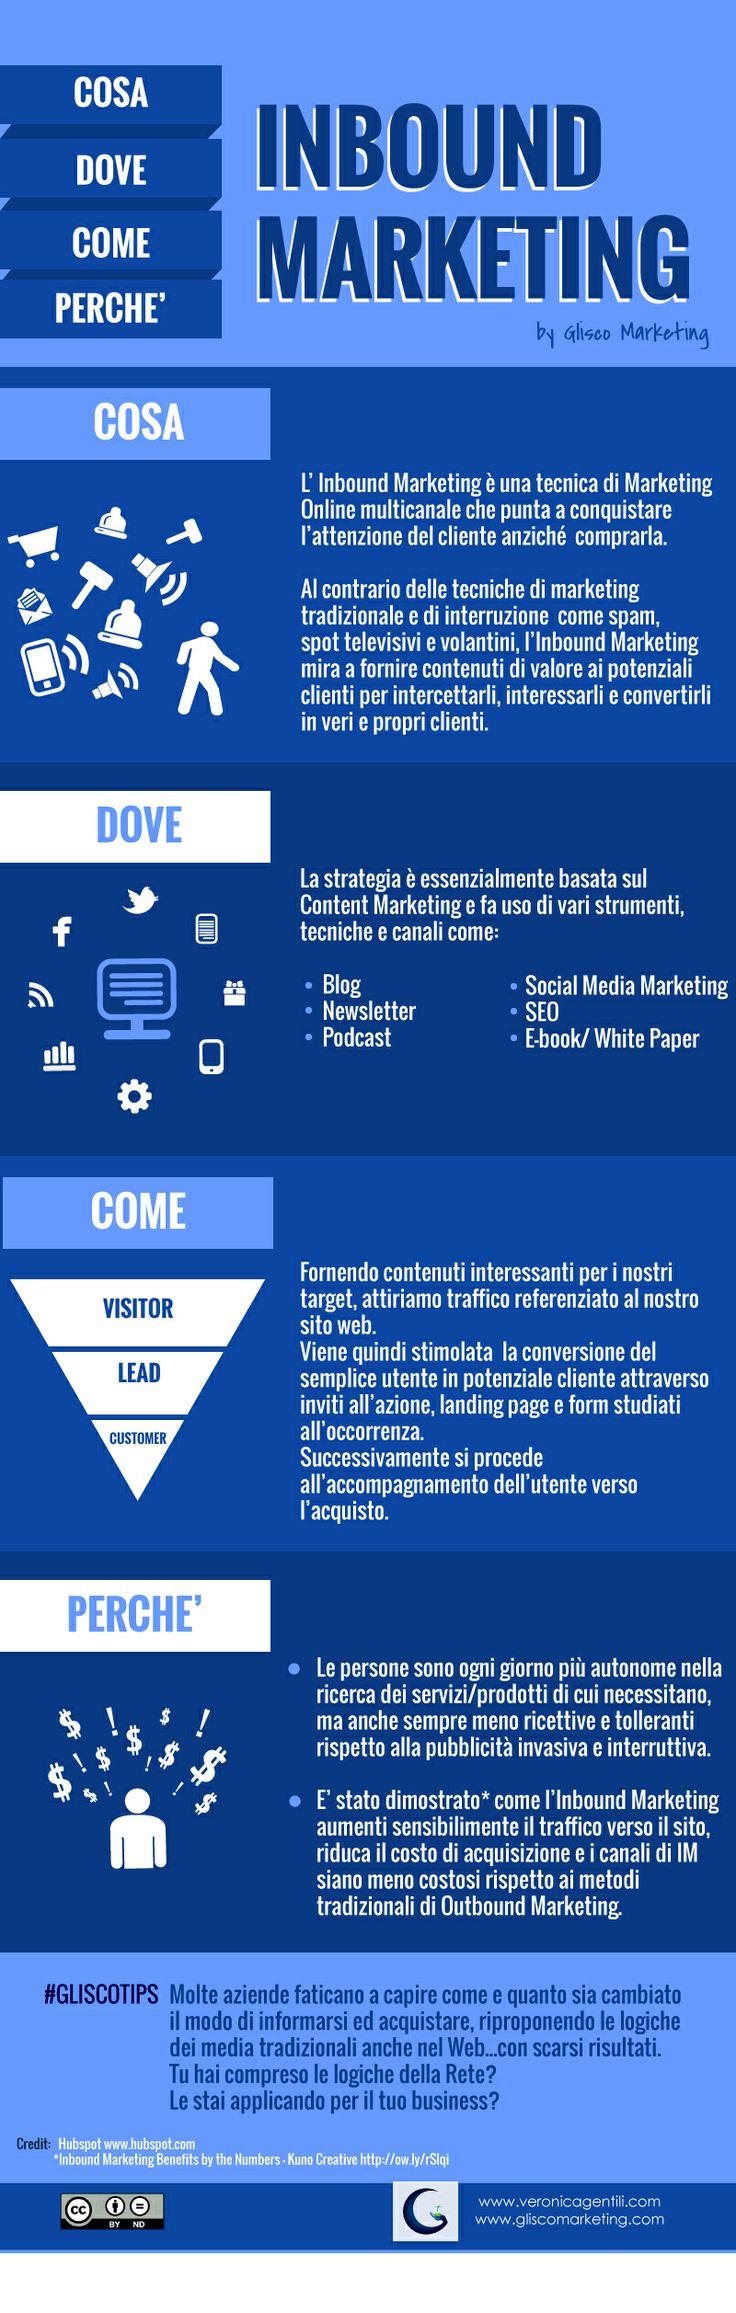 Inbound Marketing: cosa, come e perché